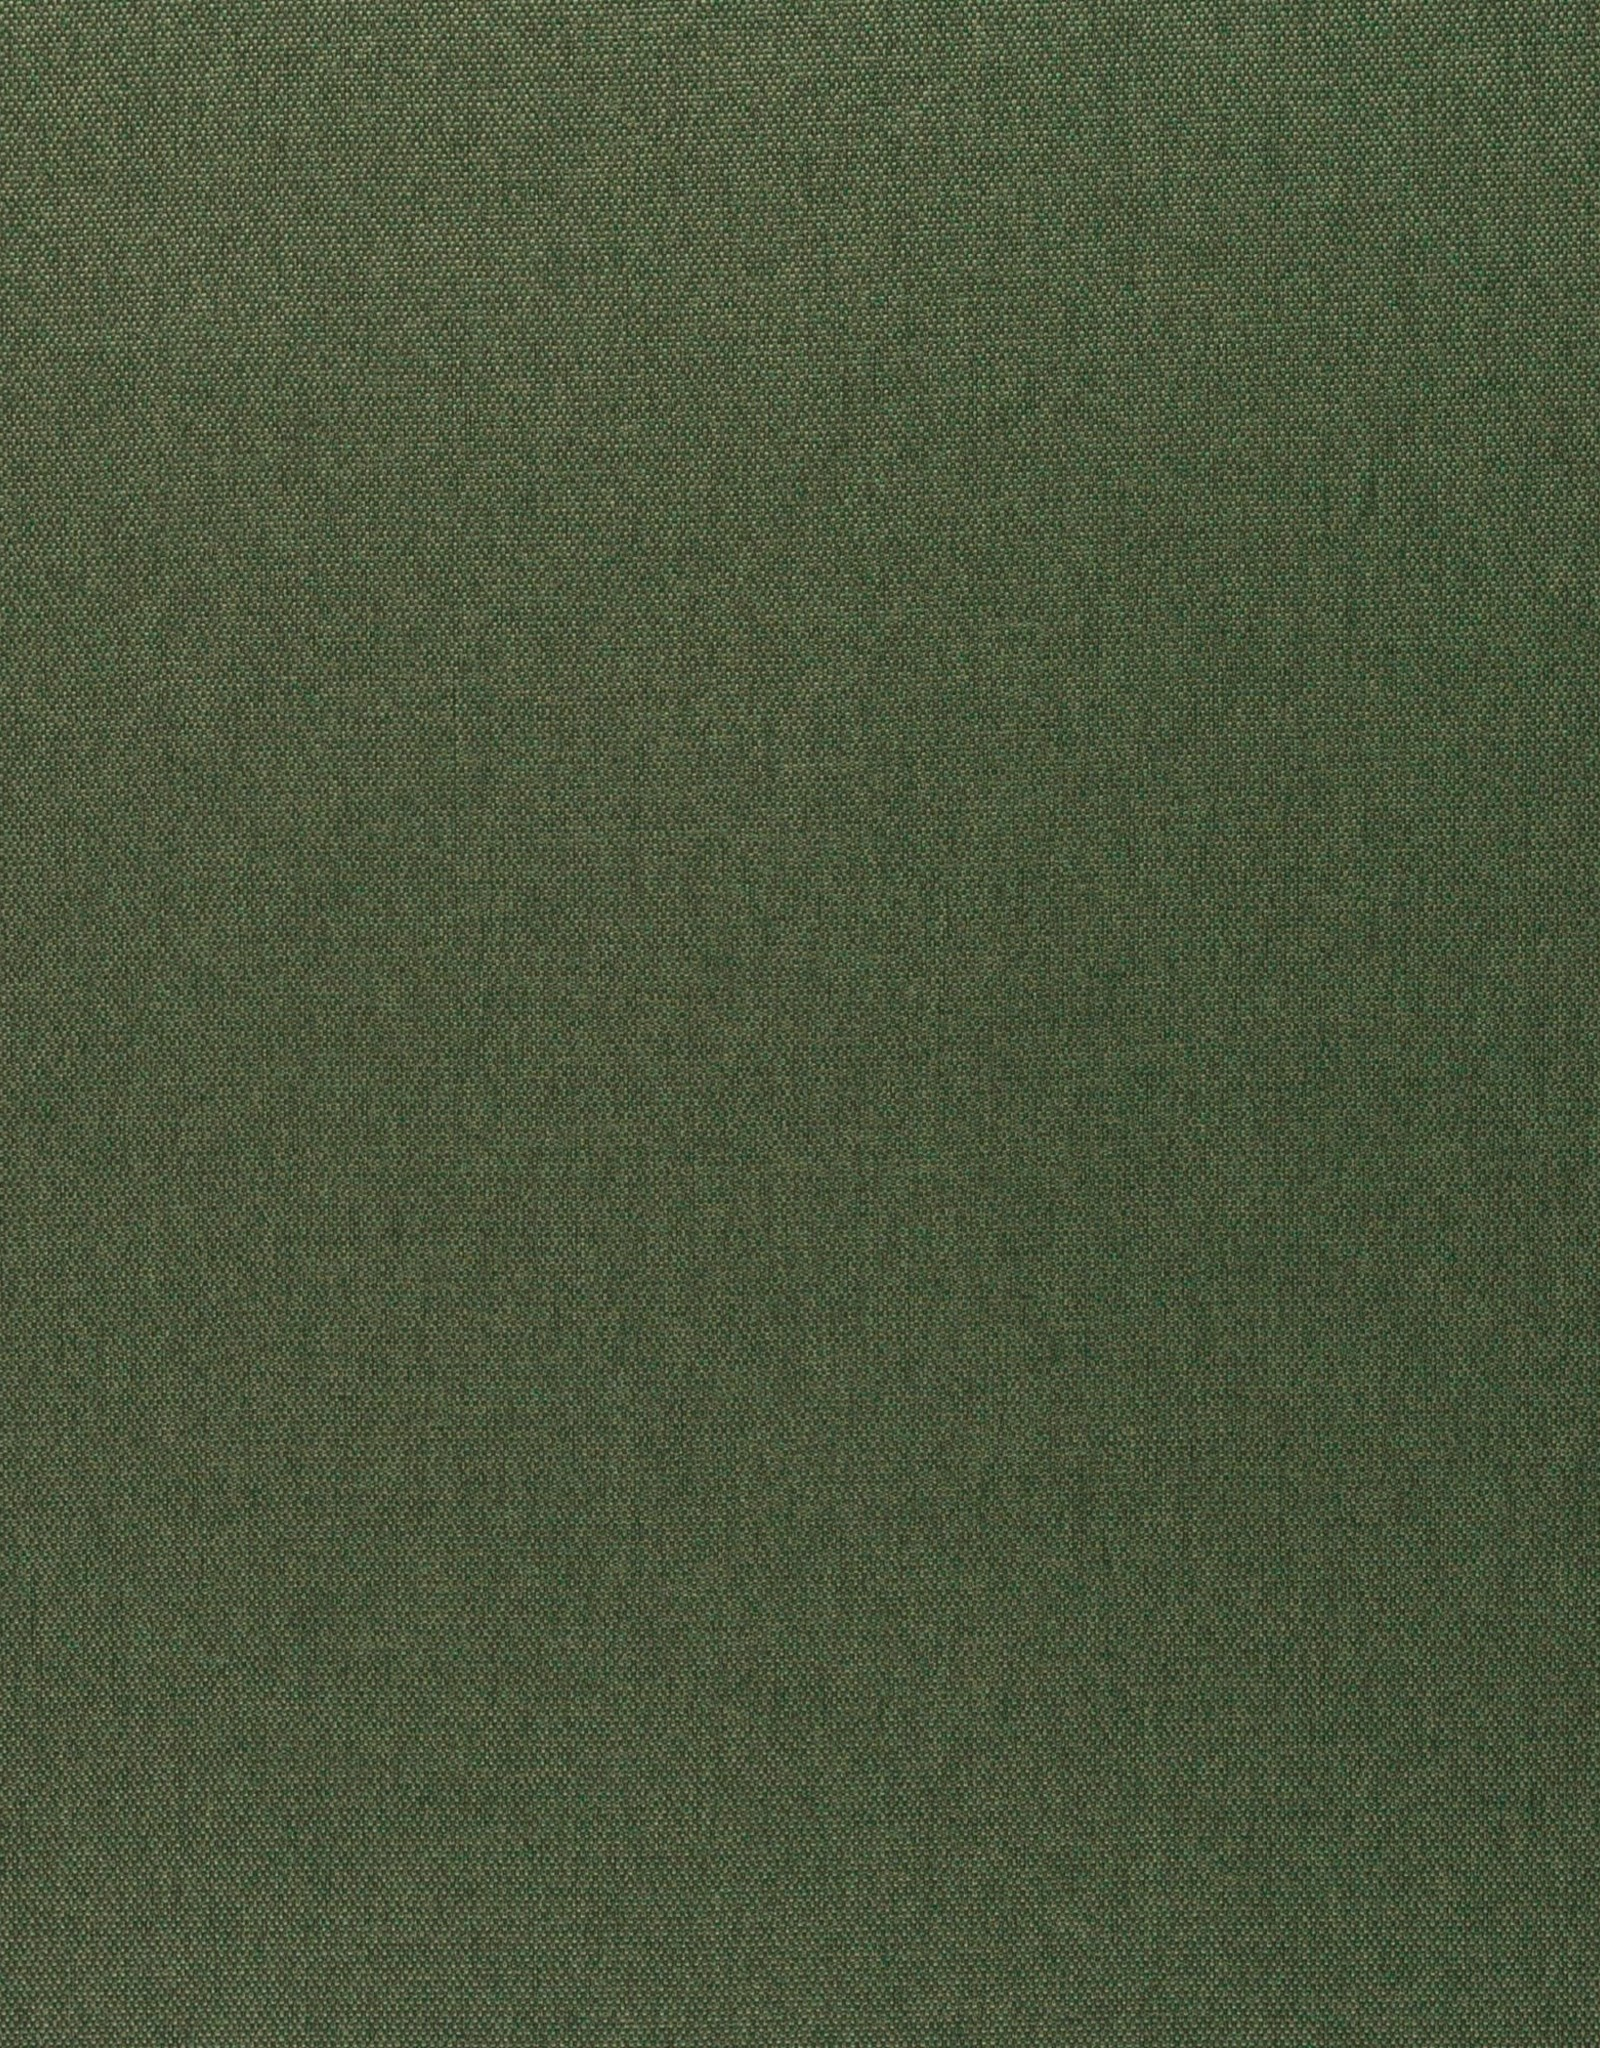 Deco - Stone Green